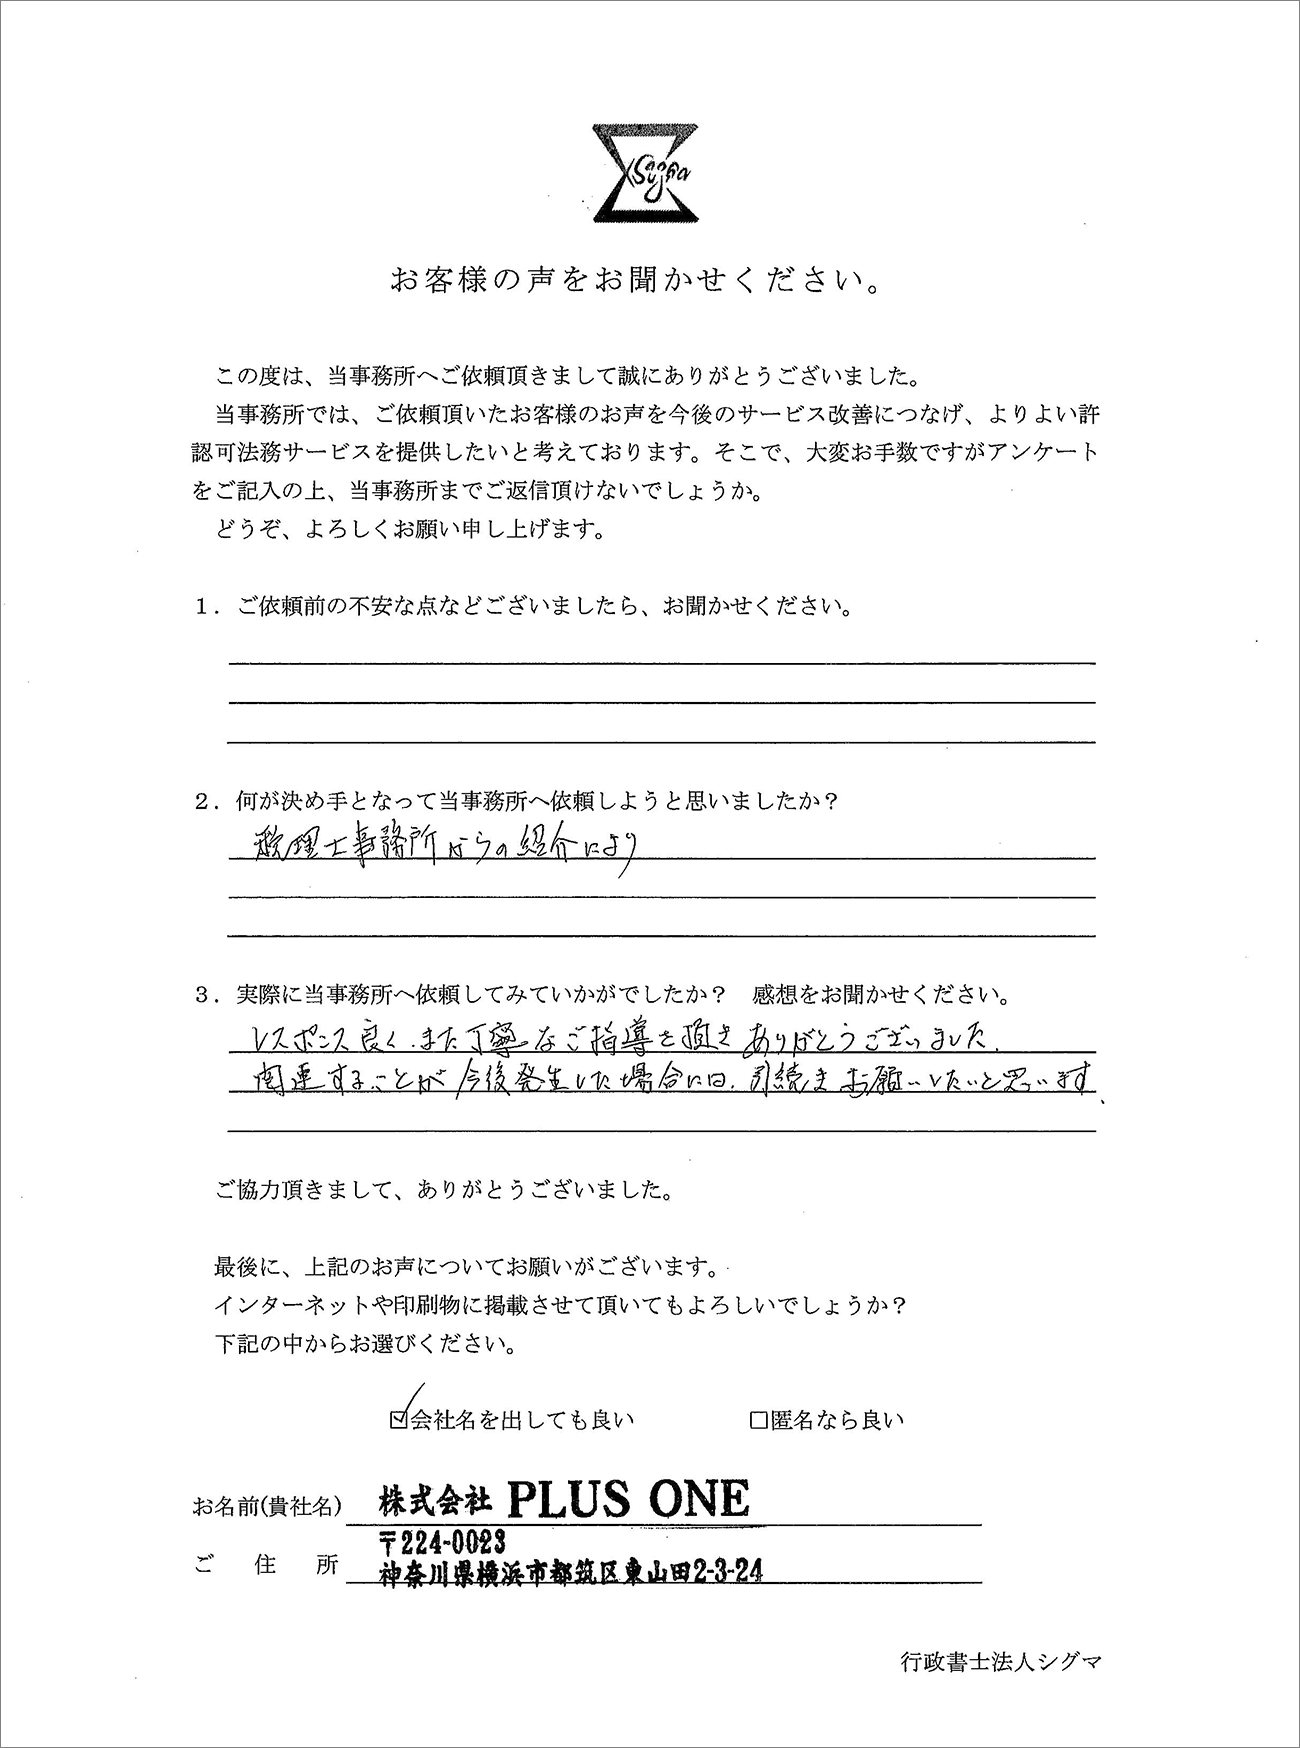 株式会社PLUS ONE様アンケート